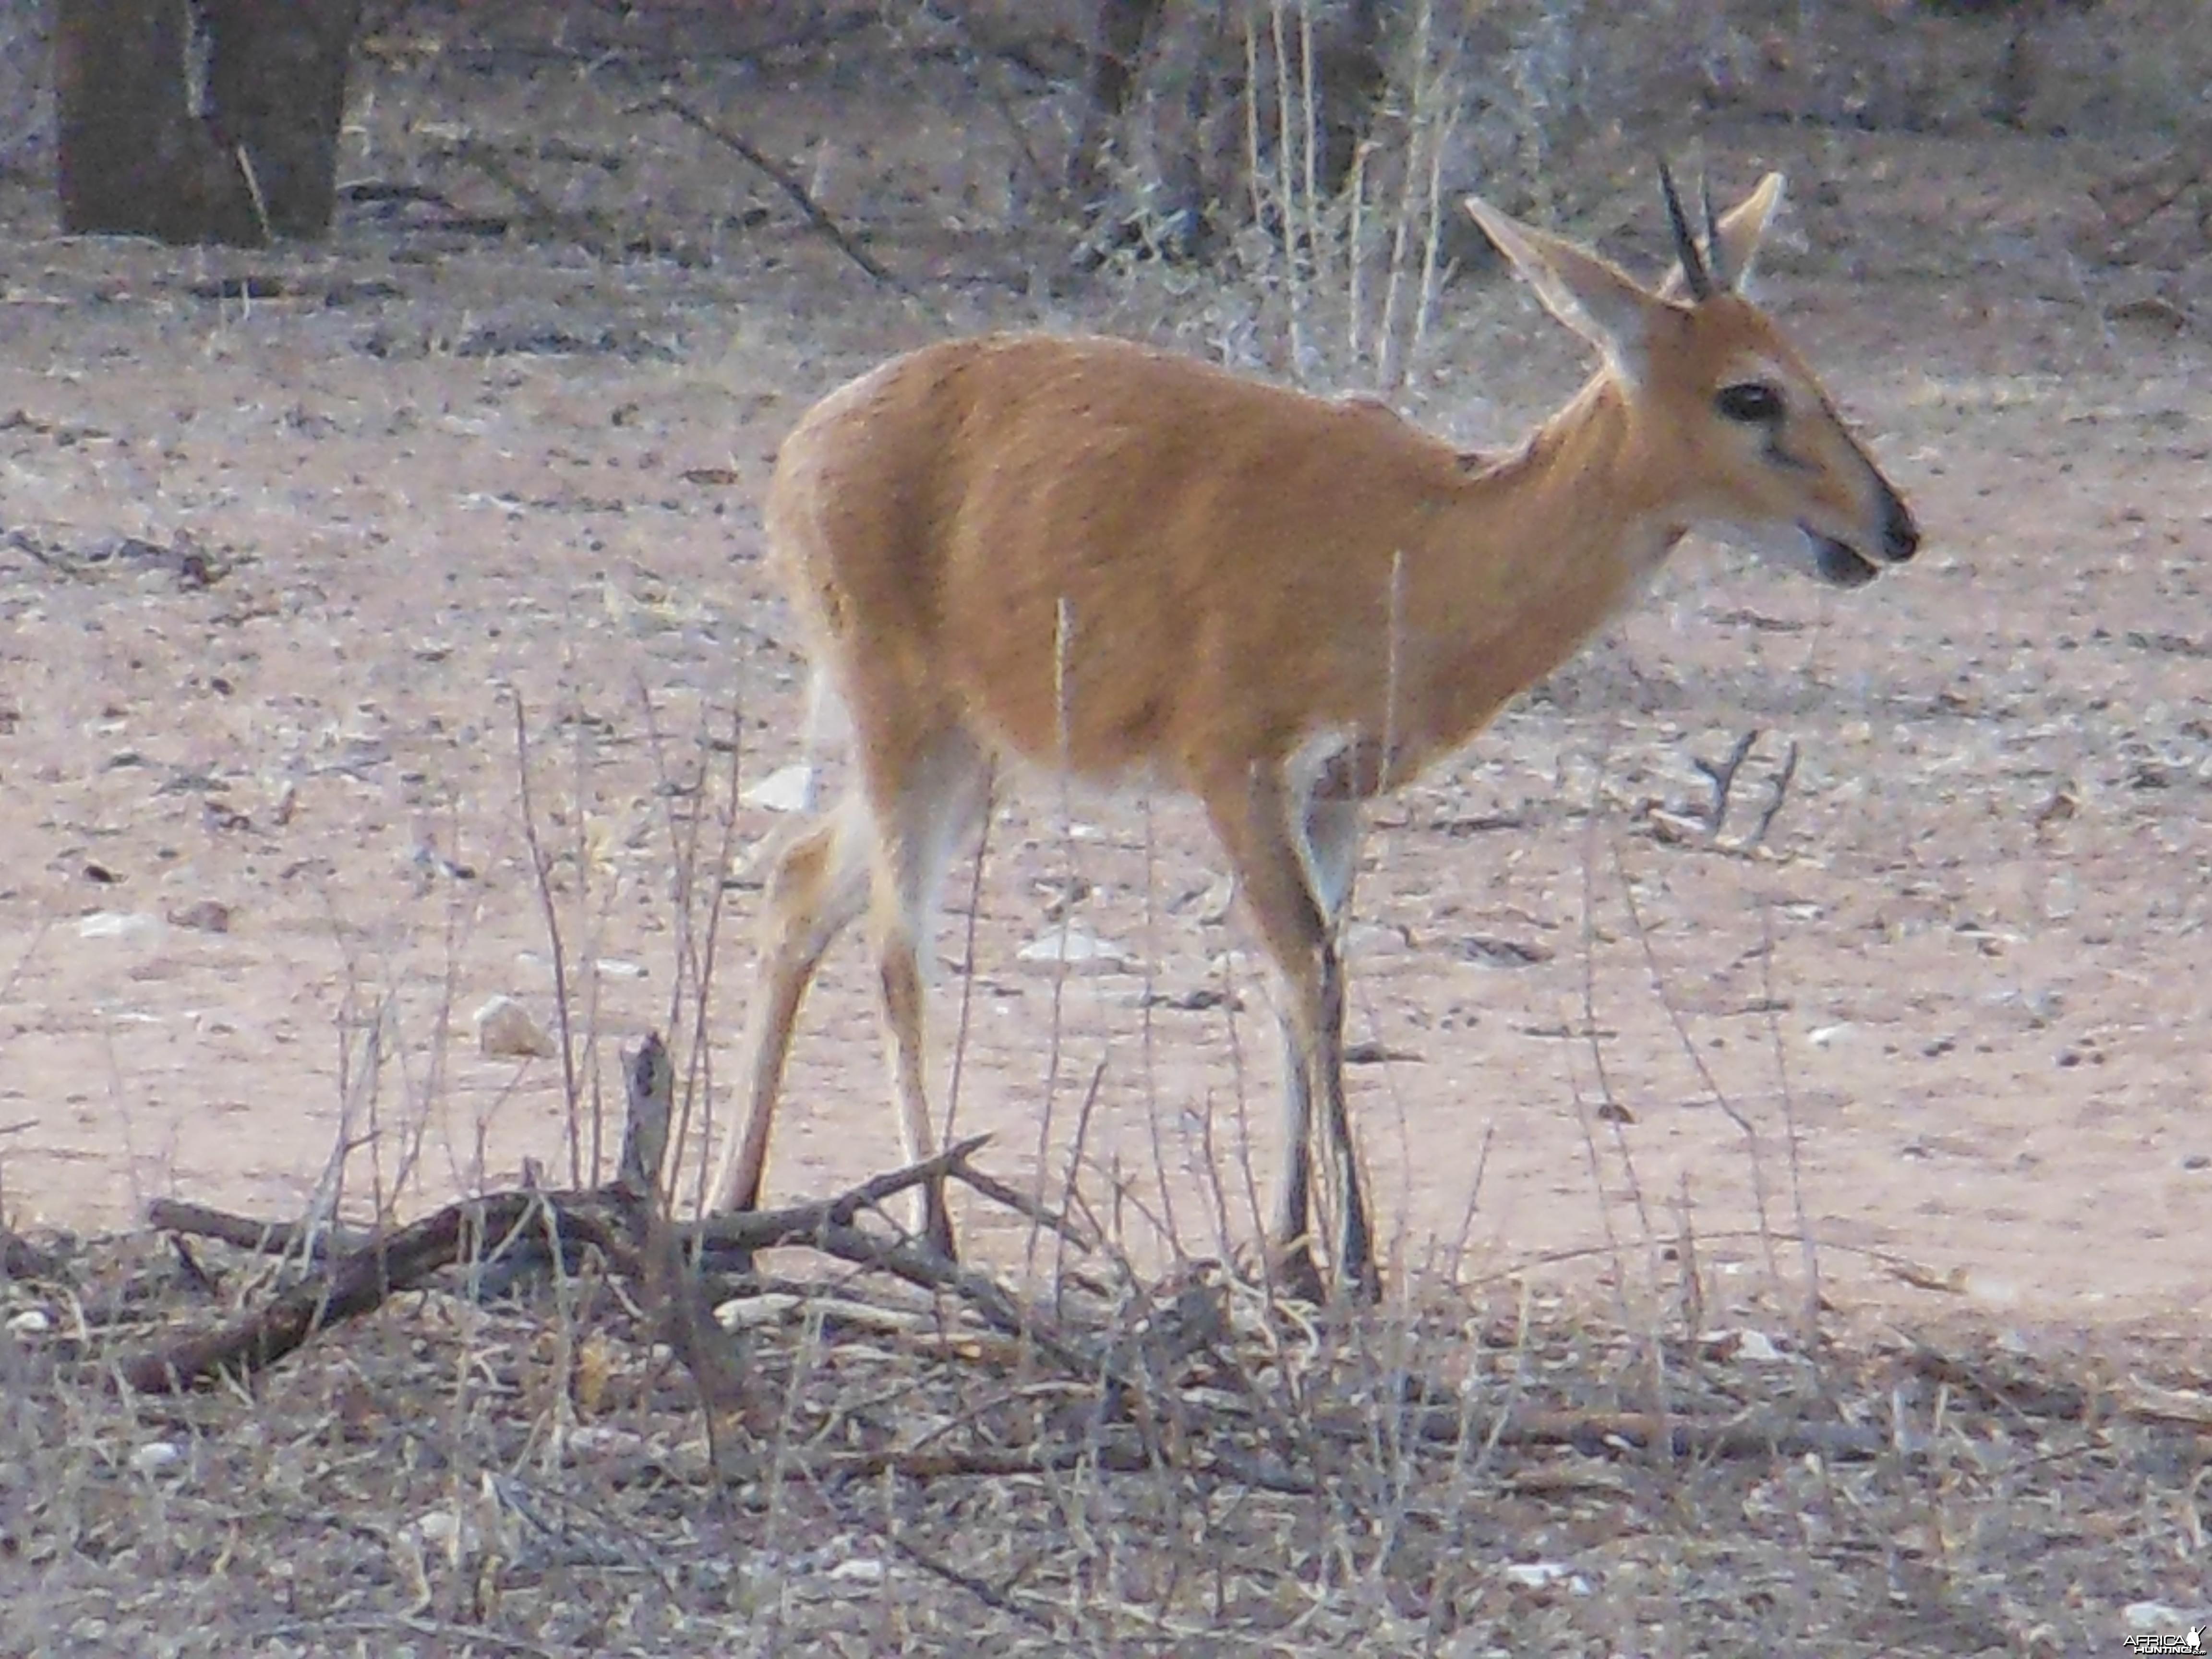 Duiker Namibia